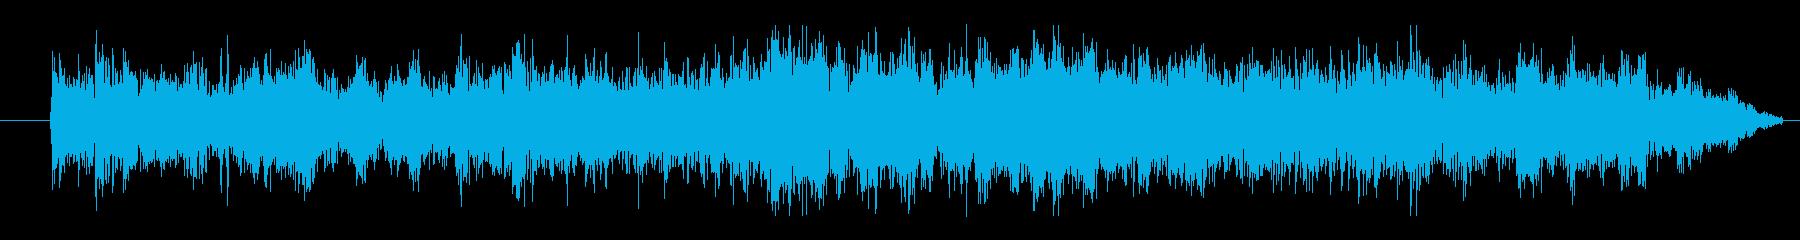 FX シャトル着陸02の再生済みの波形